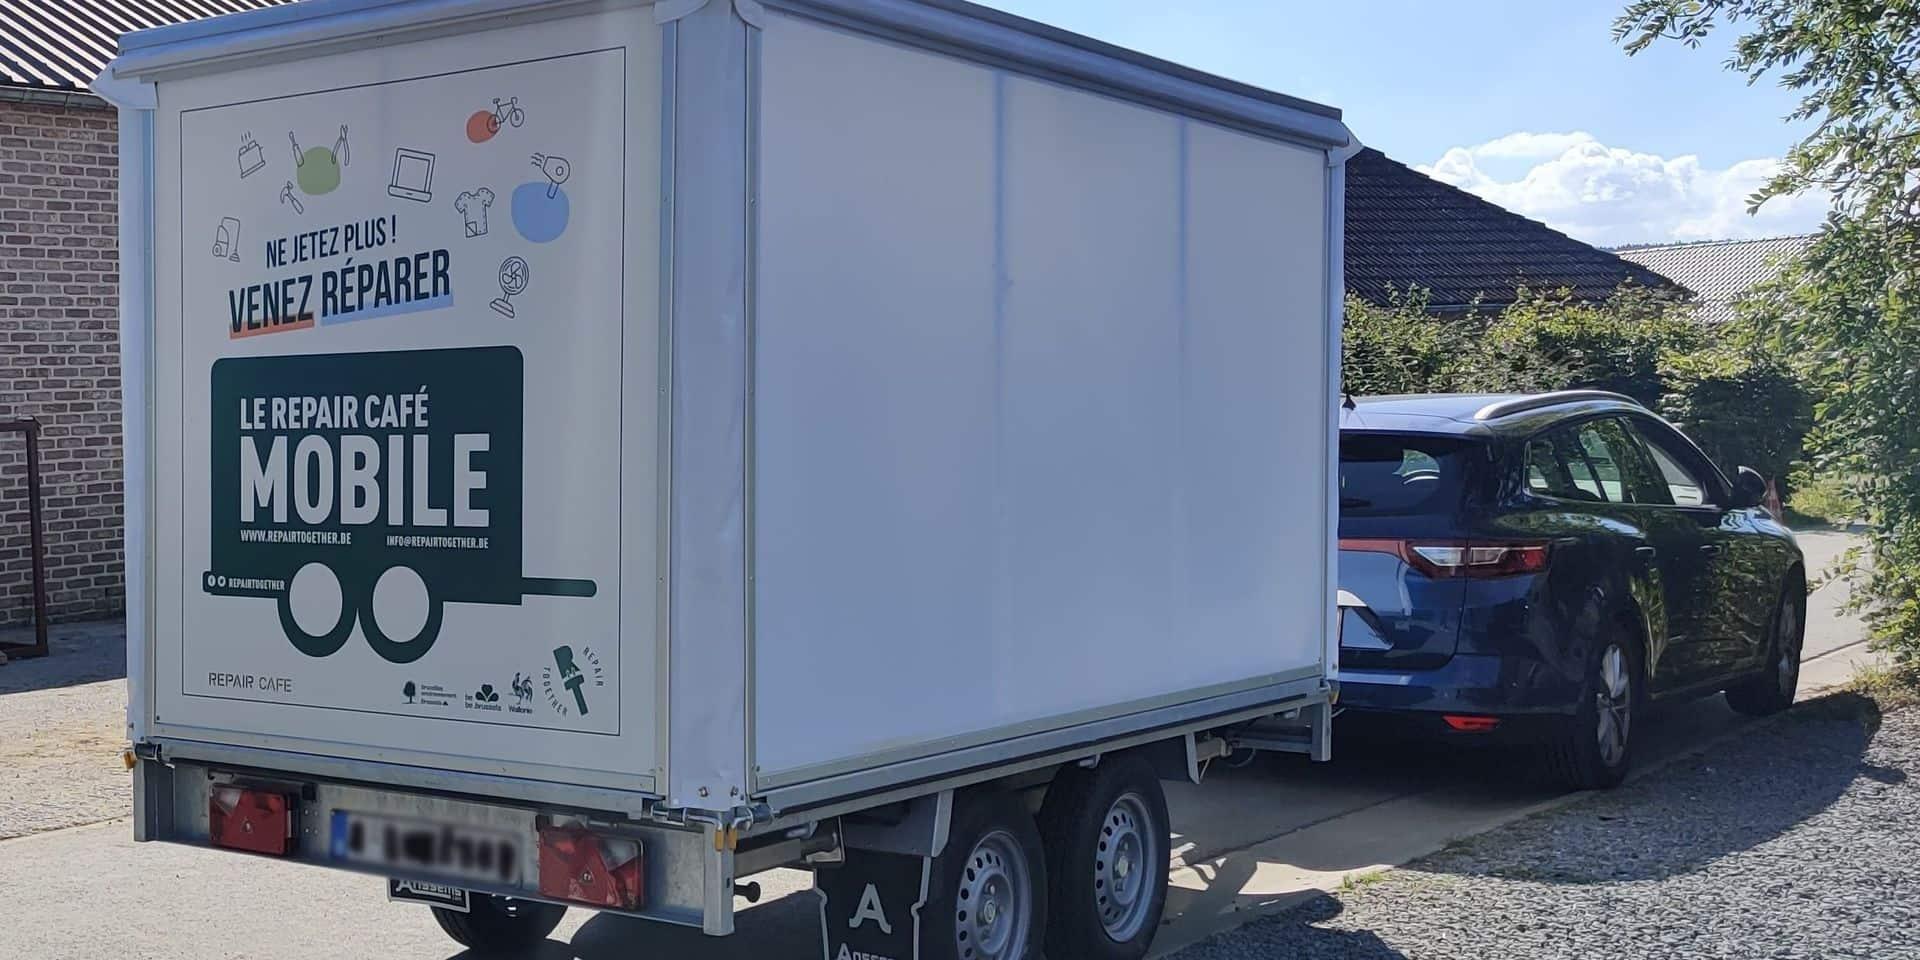 La tournée du repair café mobile fait halte en Wallonie picarde